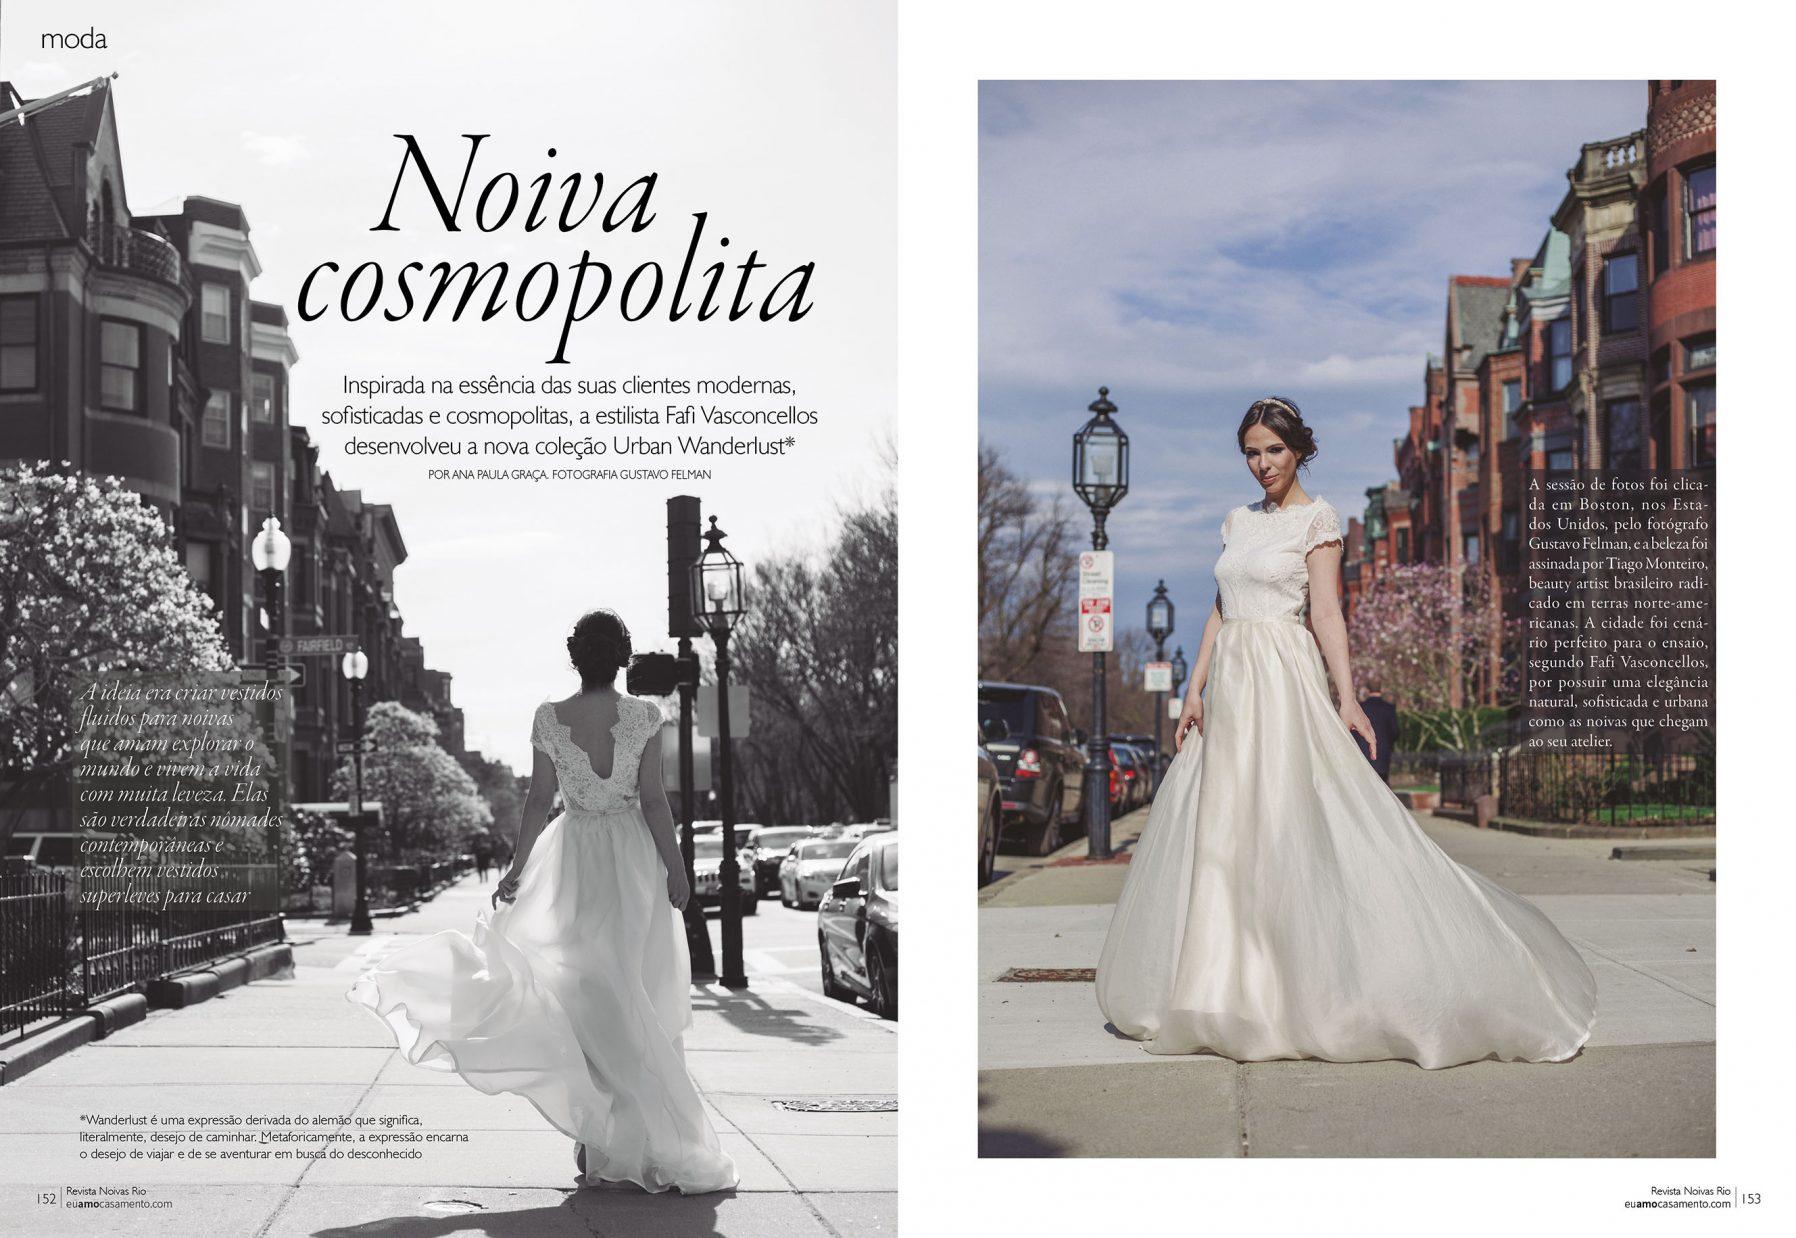 Atelier-Fafi-Vasconcellos-Revista-Noivas-RJ-Atriz-Maria-Joana-fotografia-de-casamento-gustavo-felman-1